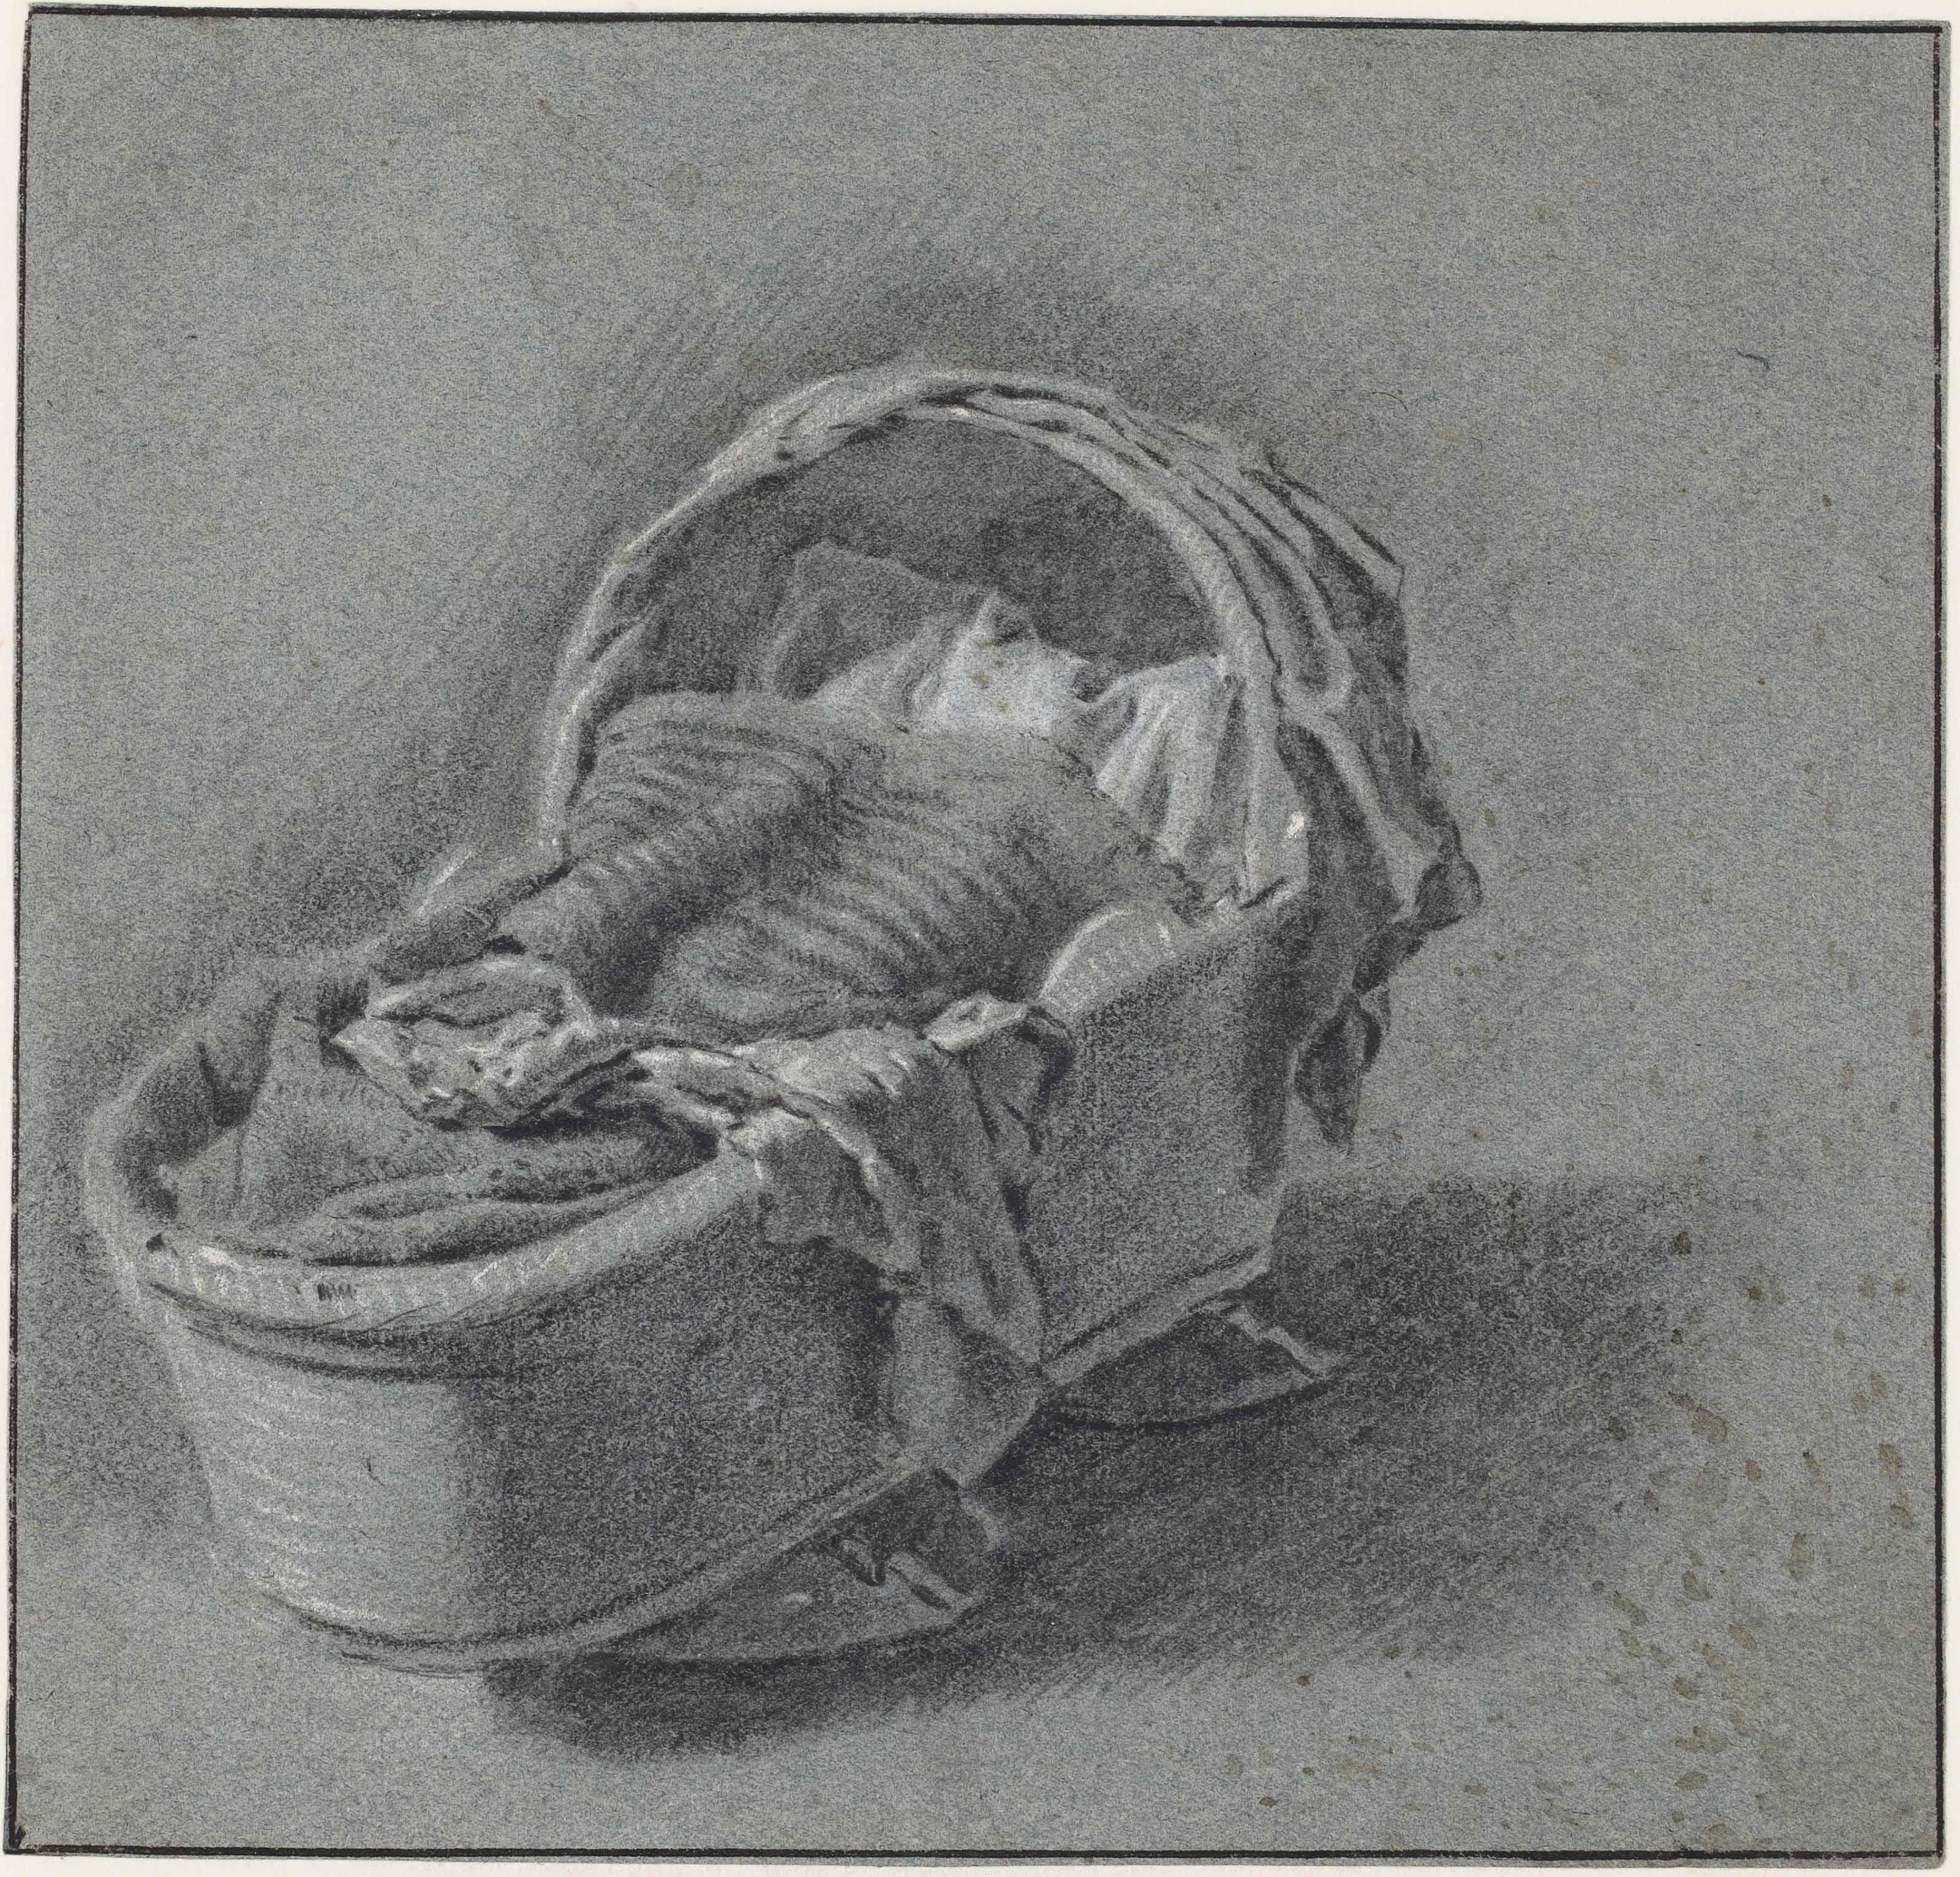 A cradle